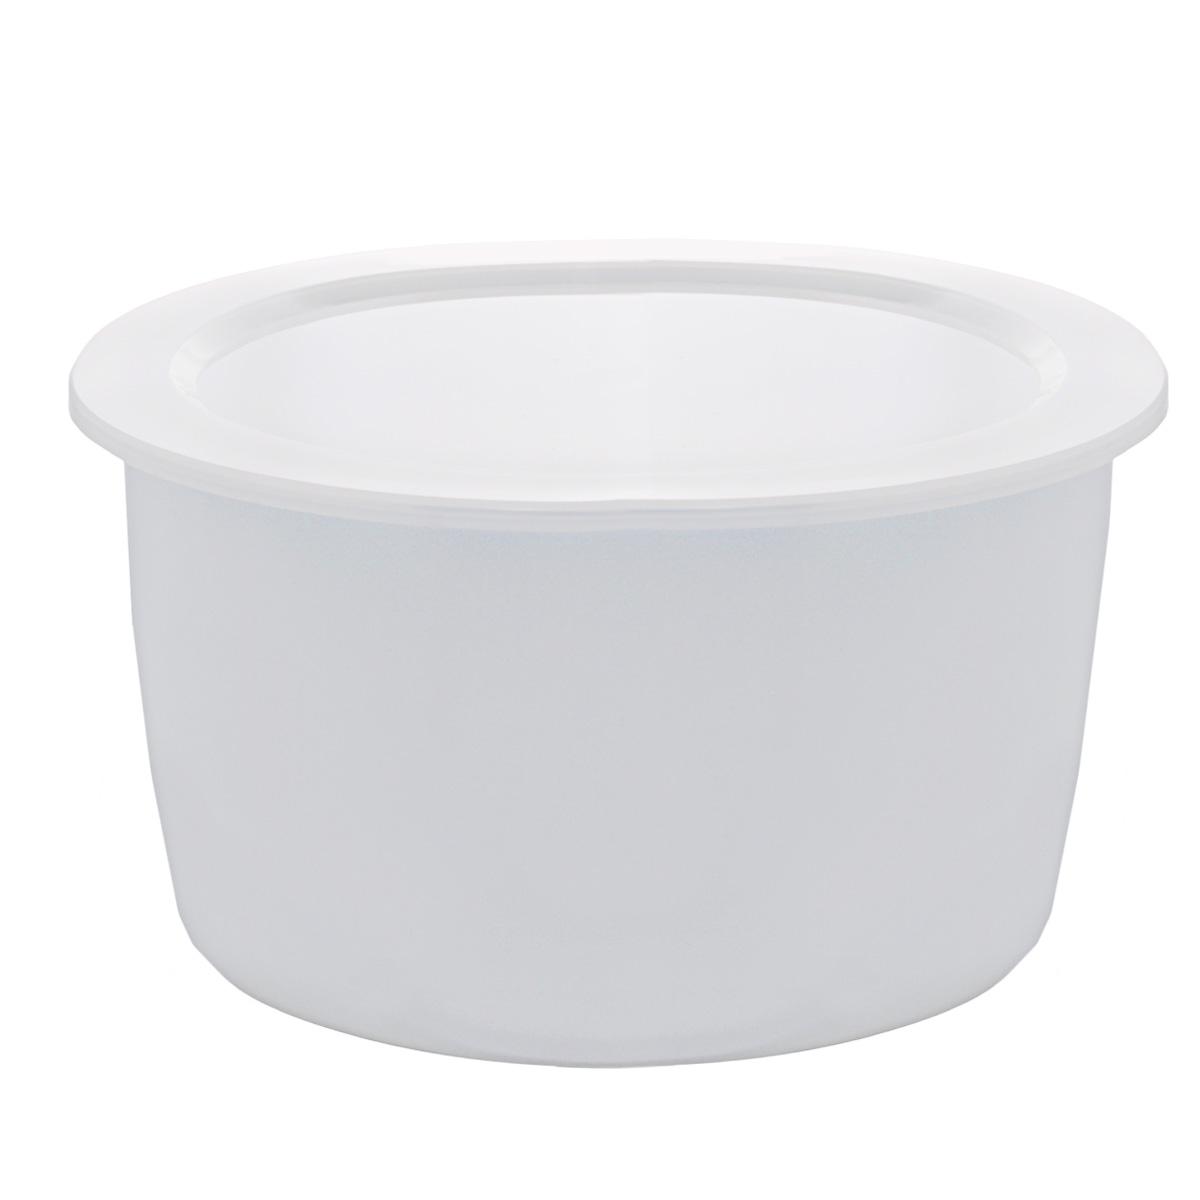 Steba AS 4 сменная чаша для мультиварки DD1/2AS 4 for DD1+2Чаша с антипригарным керамическим покрытием Steba AS 4 для мультиварок DD1, DD2.Мерная шкалаКрышка для чаши в комплектеНе подходит для Steba DD2 XL